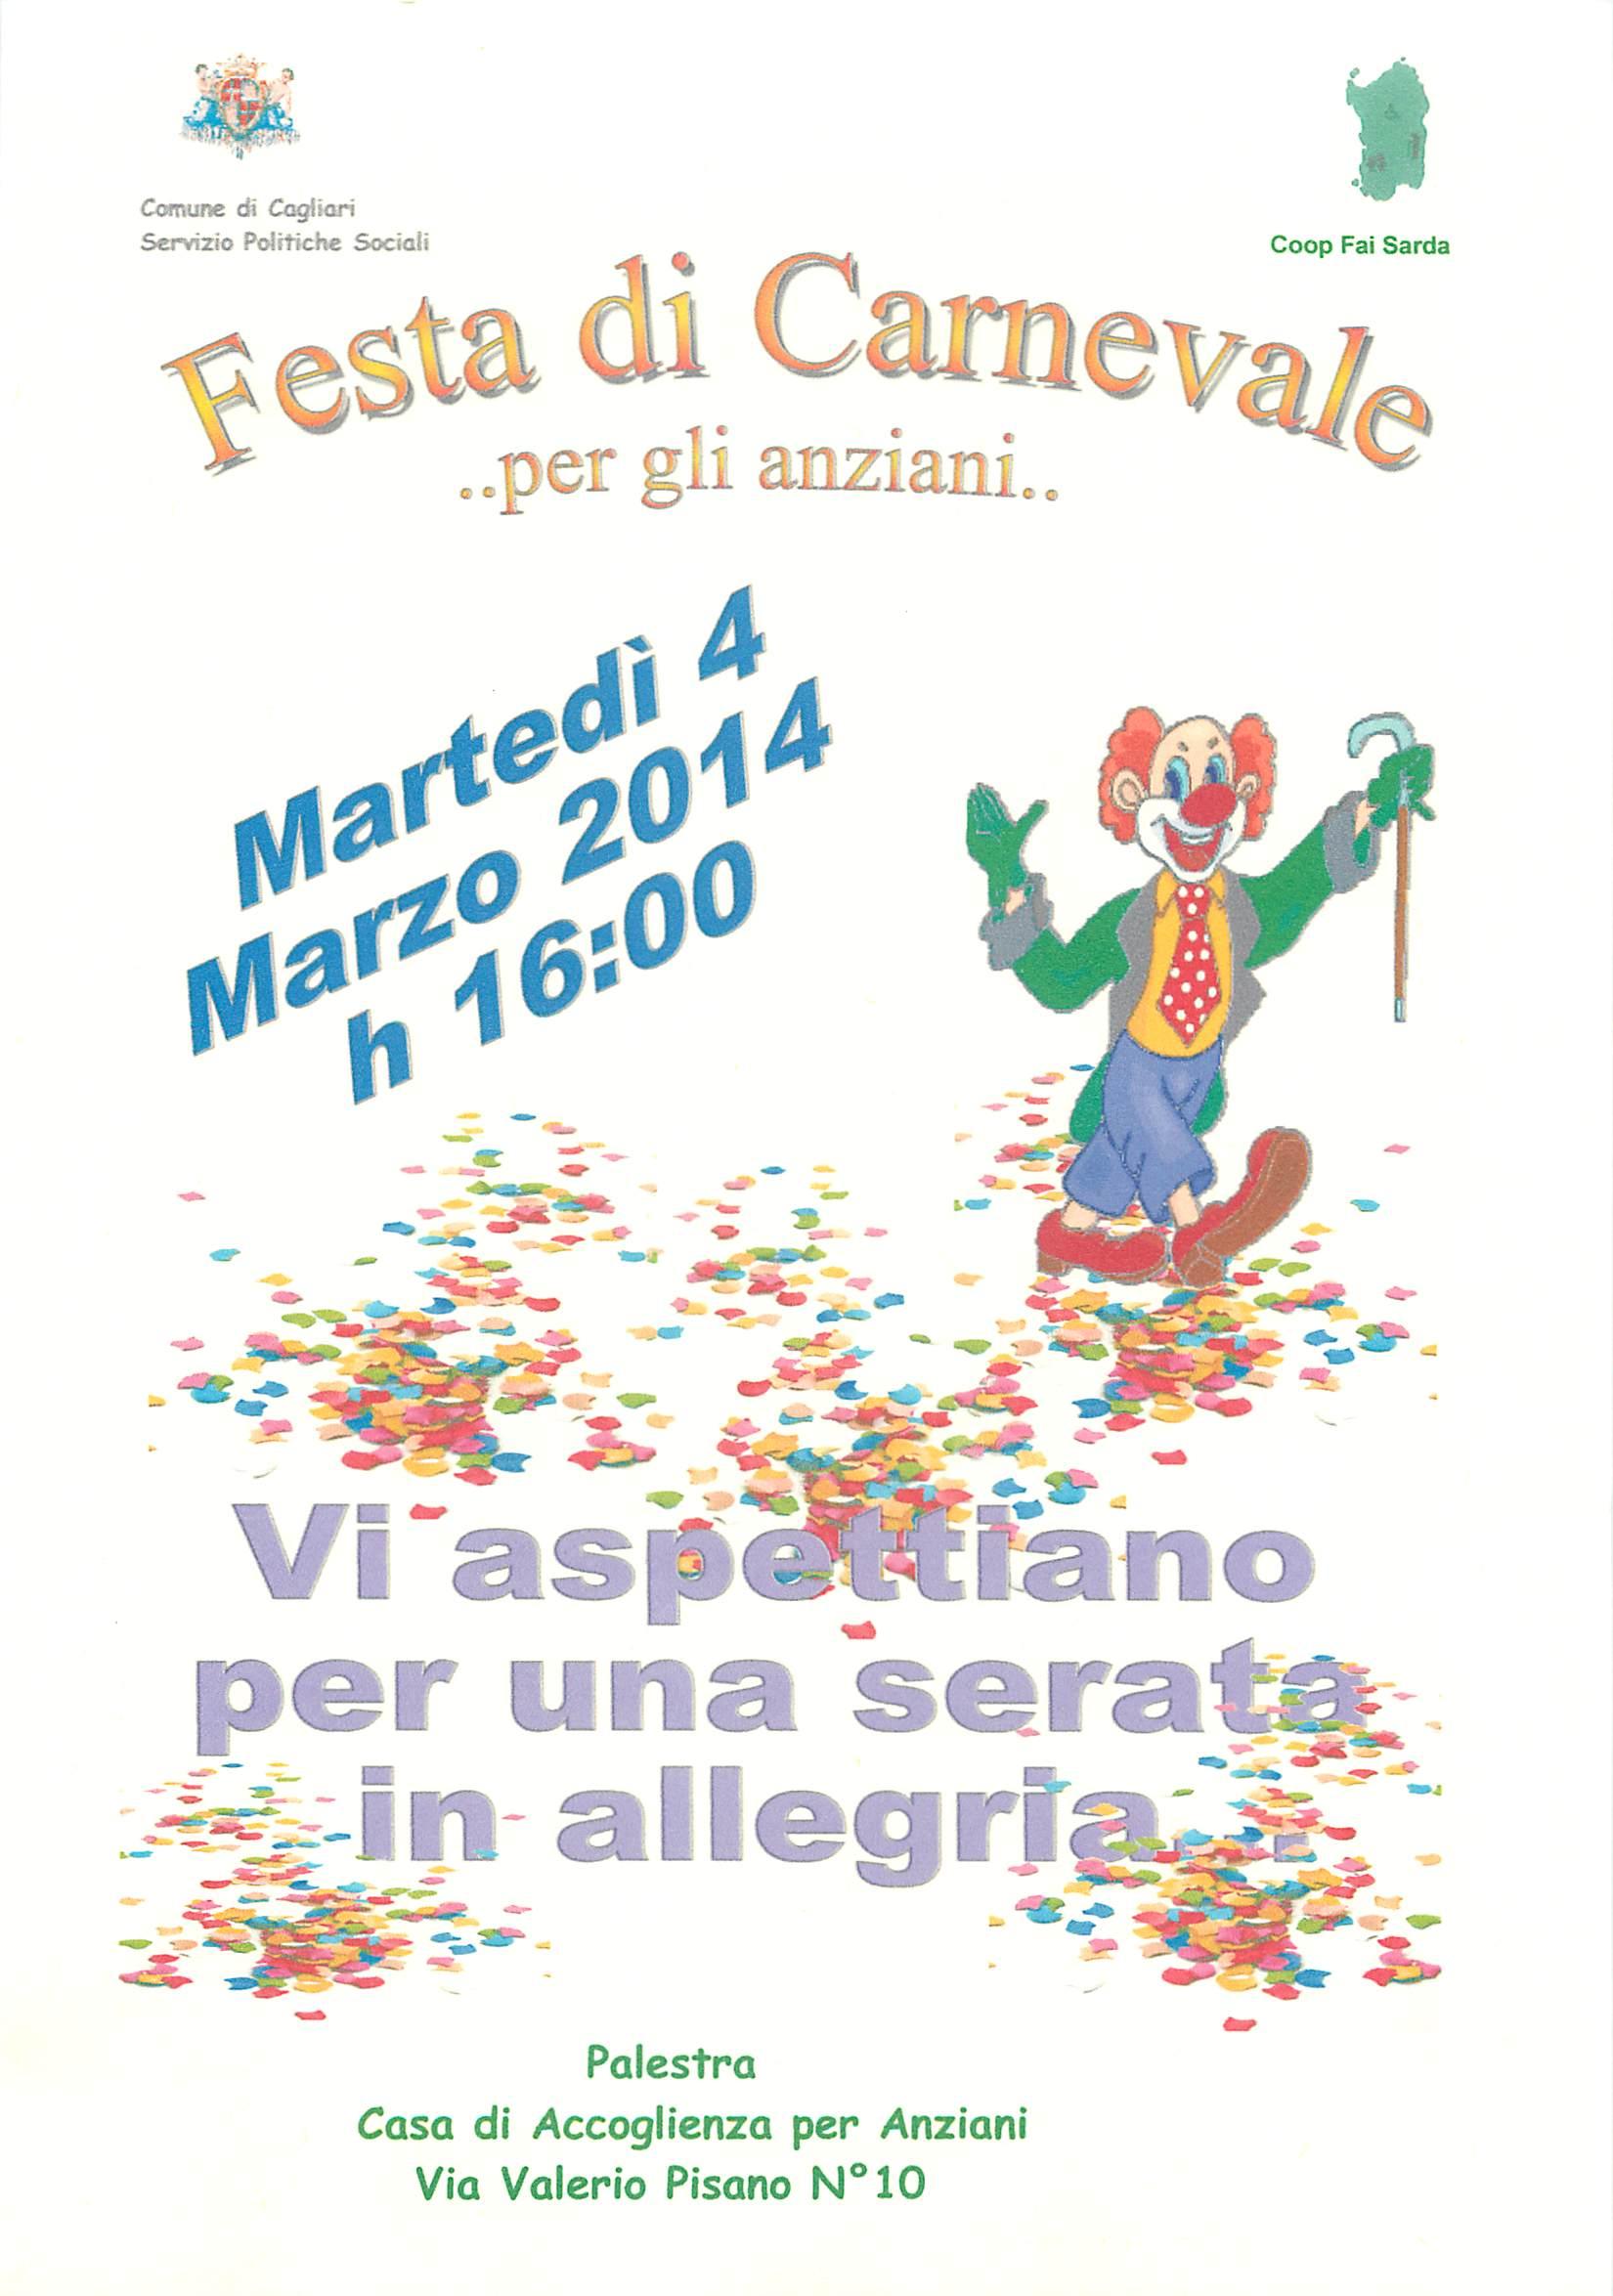 ocandina festa di Carnevale 2014 a cagliari per anziani